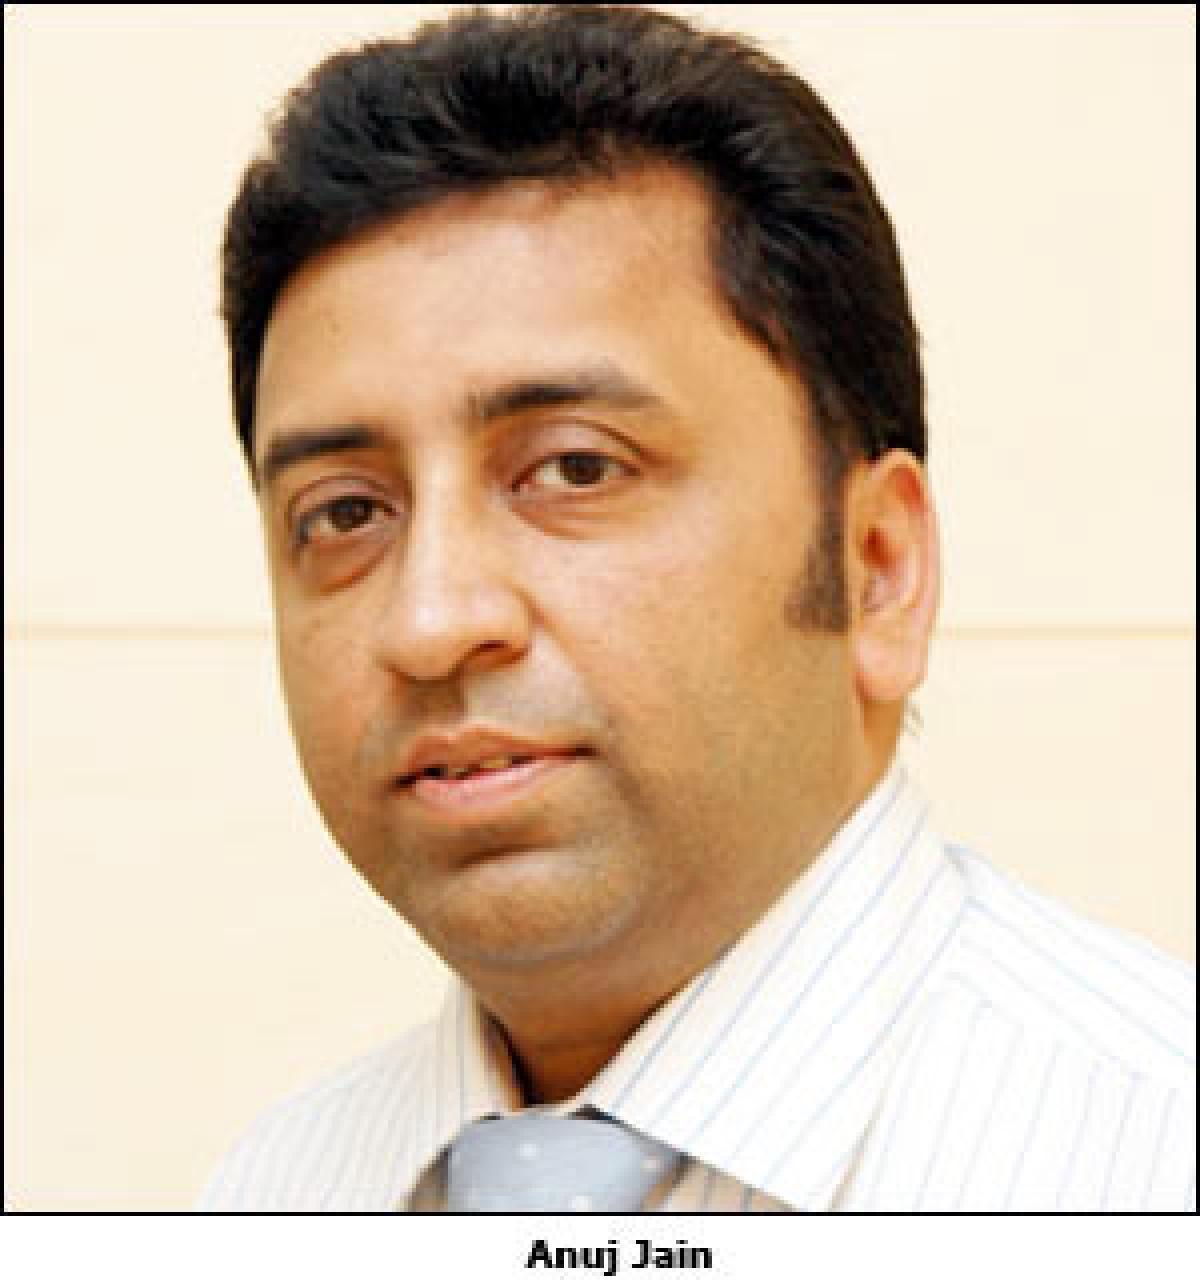 Nerolac brings back 'Jab Ghar Ki Raunak'